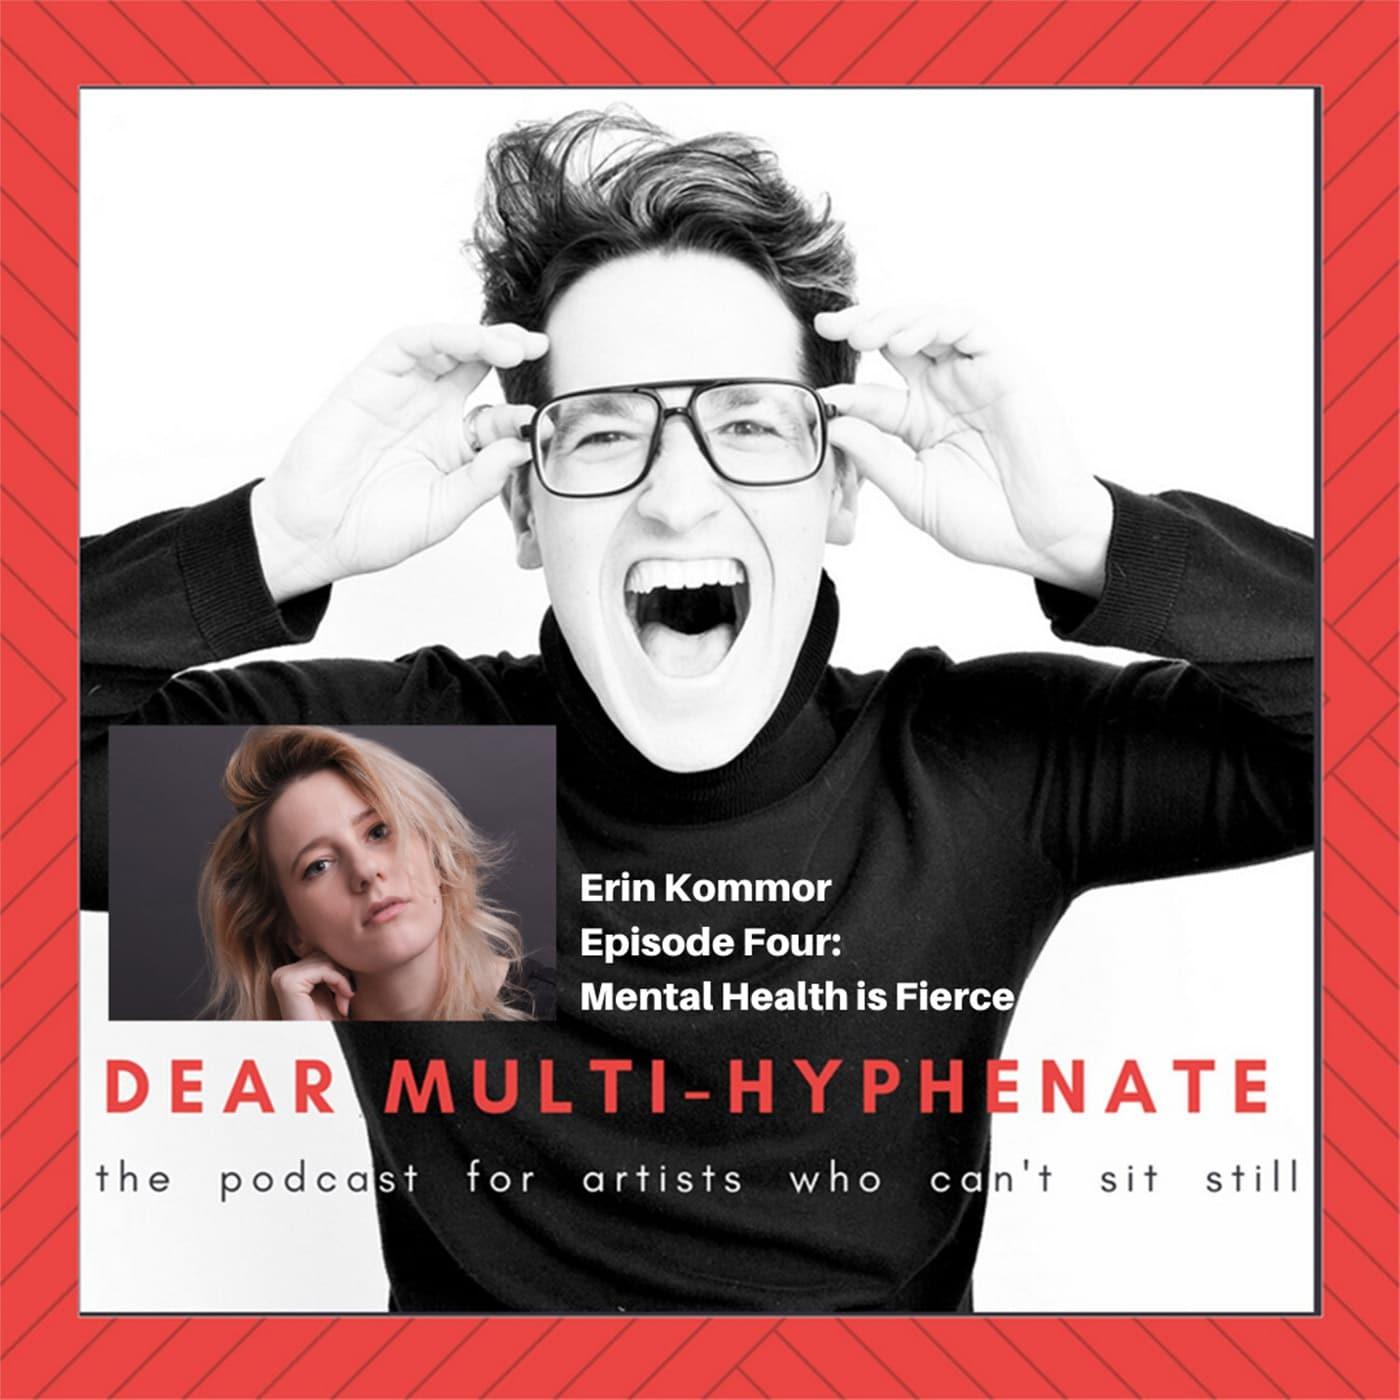 Dear Multi-hyphenate #4 - Erin Kommor: Mental Health is Fierce